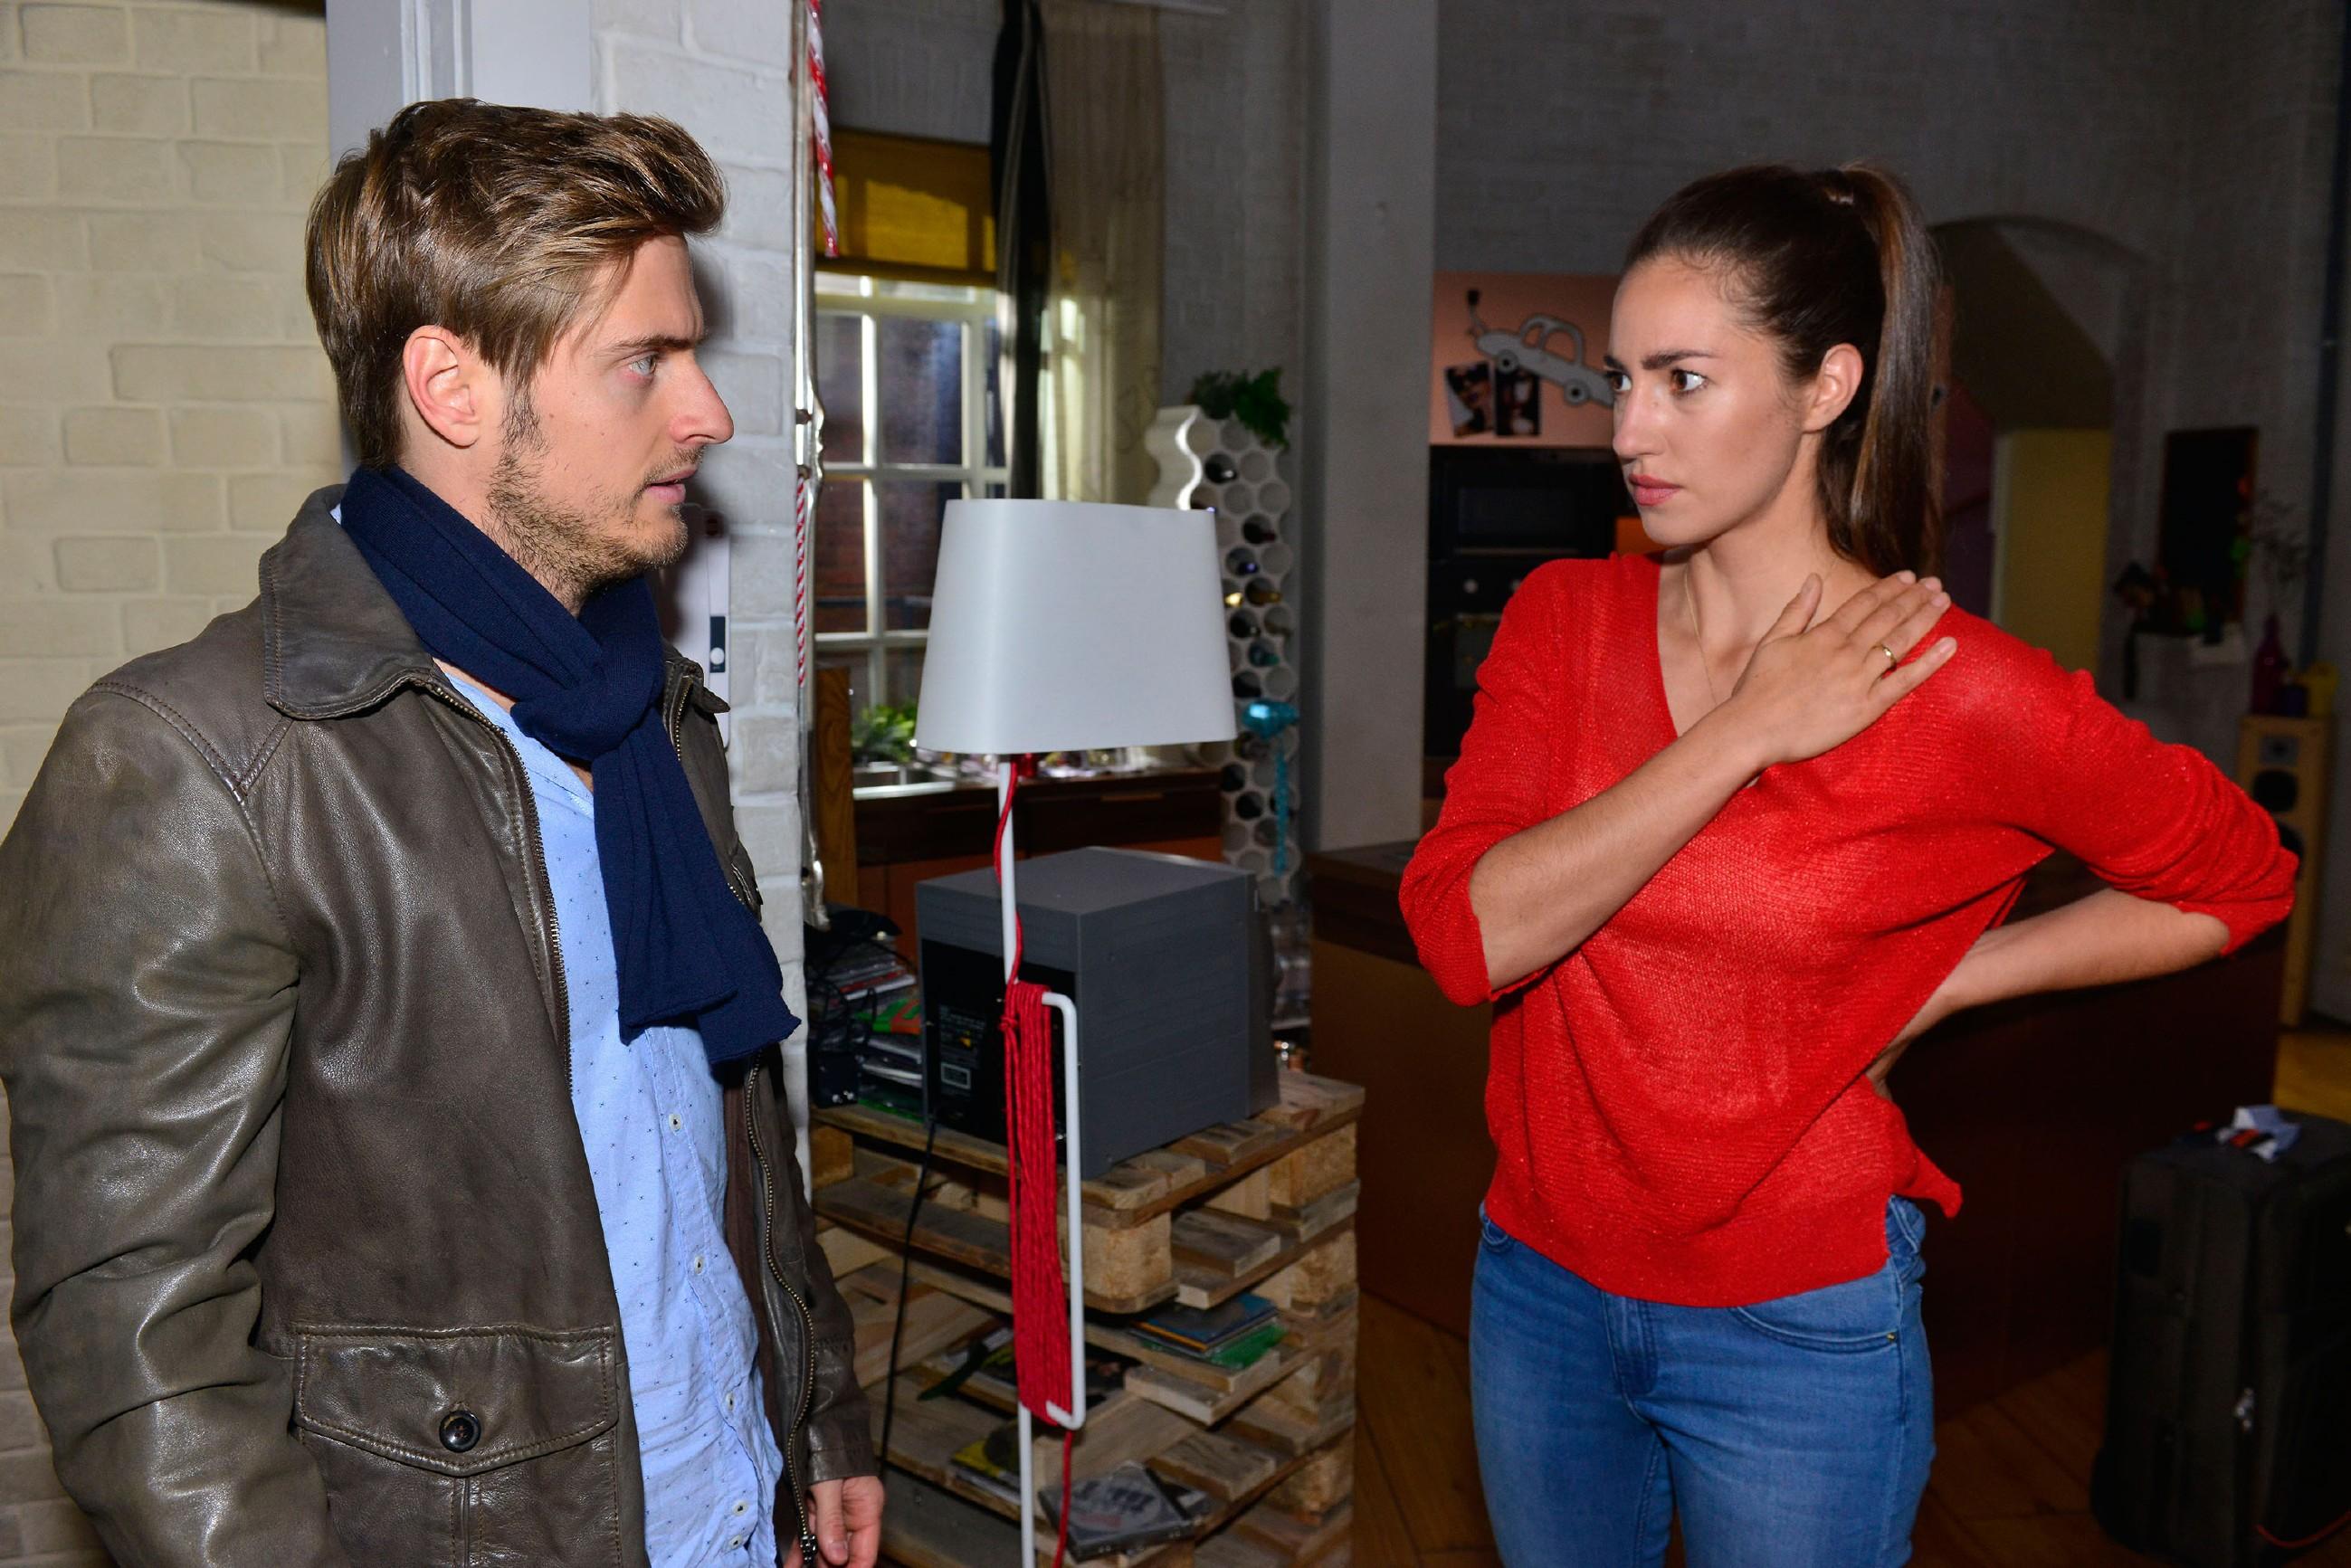 Philip (Jörn Schlönvoigt), der sich bei Elena (Elena Garcia Gerlach) in einem Brief für sein Stalking entschuldigen will, ahnt nicht, dass sie bereits aus Kanada zurück ist und steht plötzlich vor ihr. Elena gerät in Panik - genau das Gegenteil von dem, was Philip erreichen wollte... (Quelle: RTL / Rolf Baumgartner)